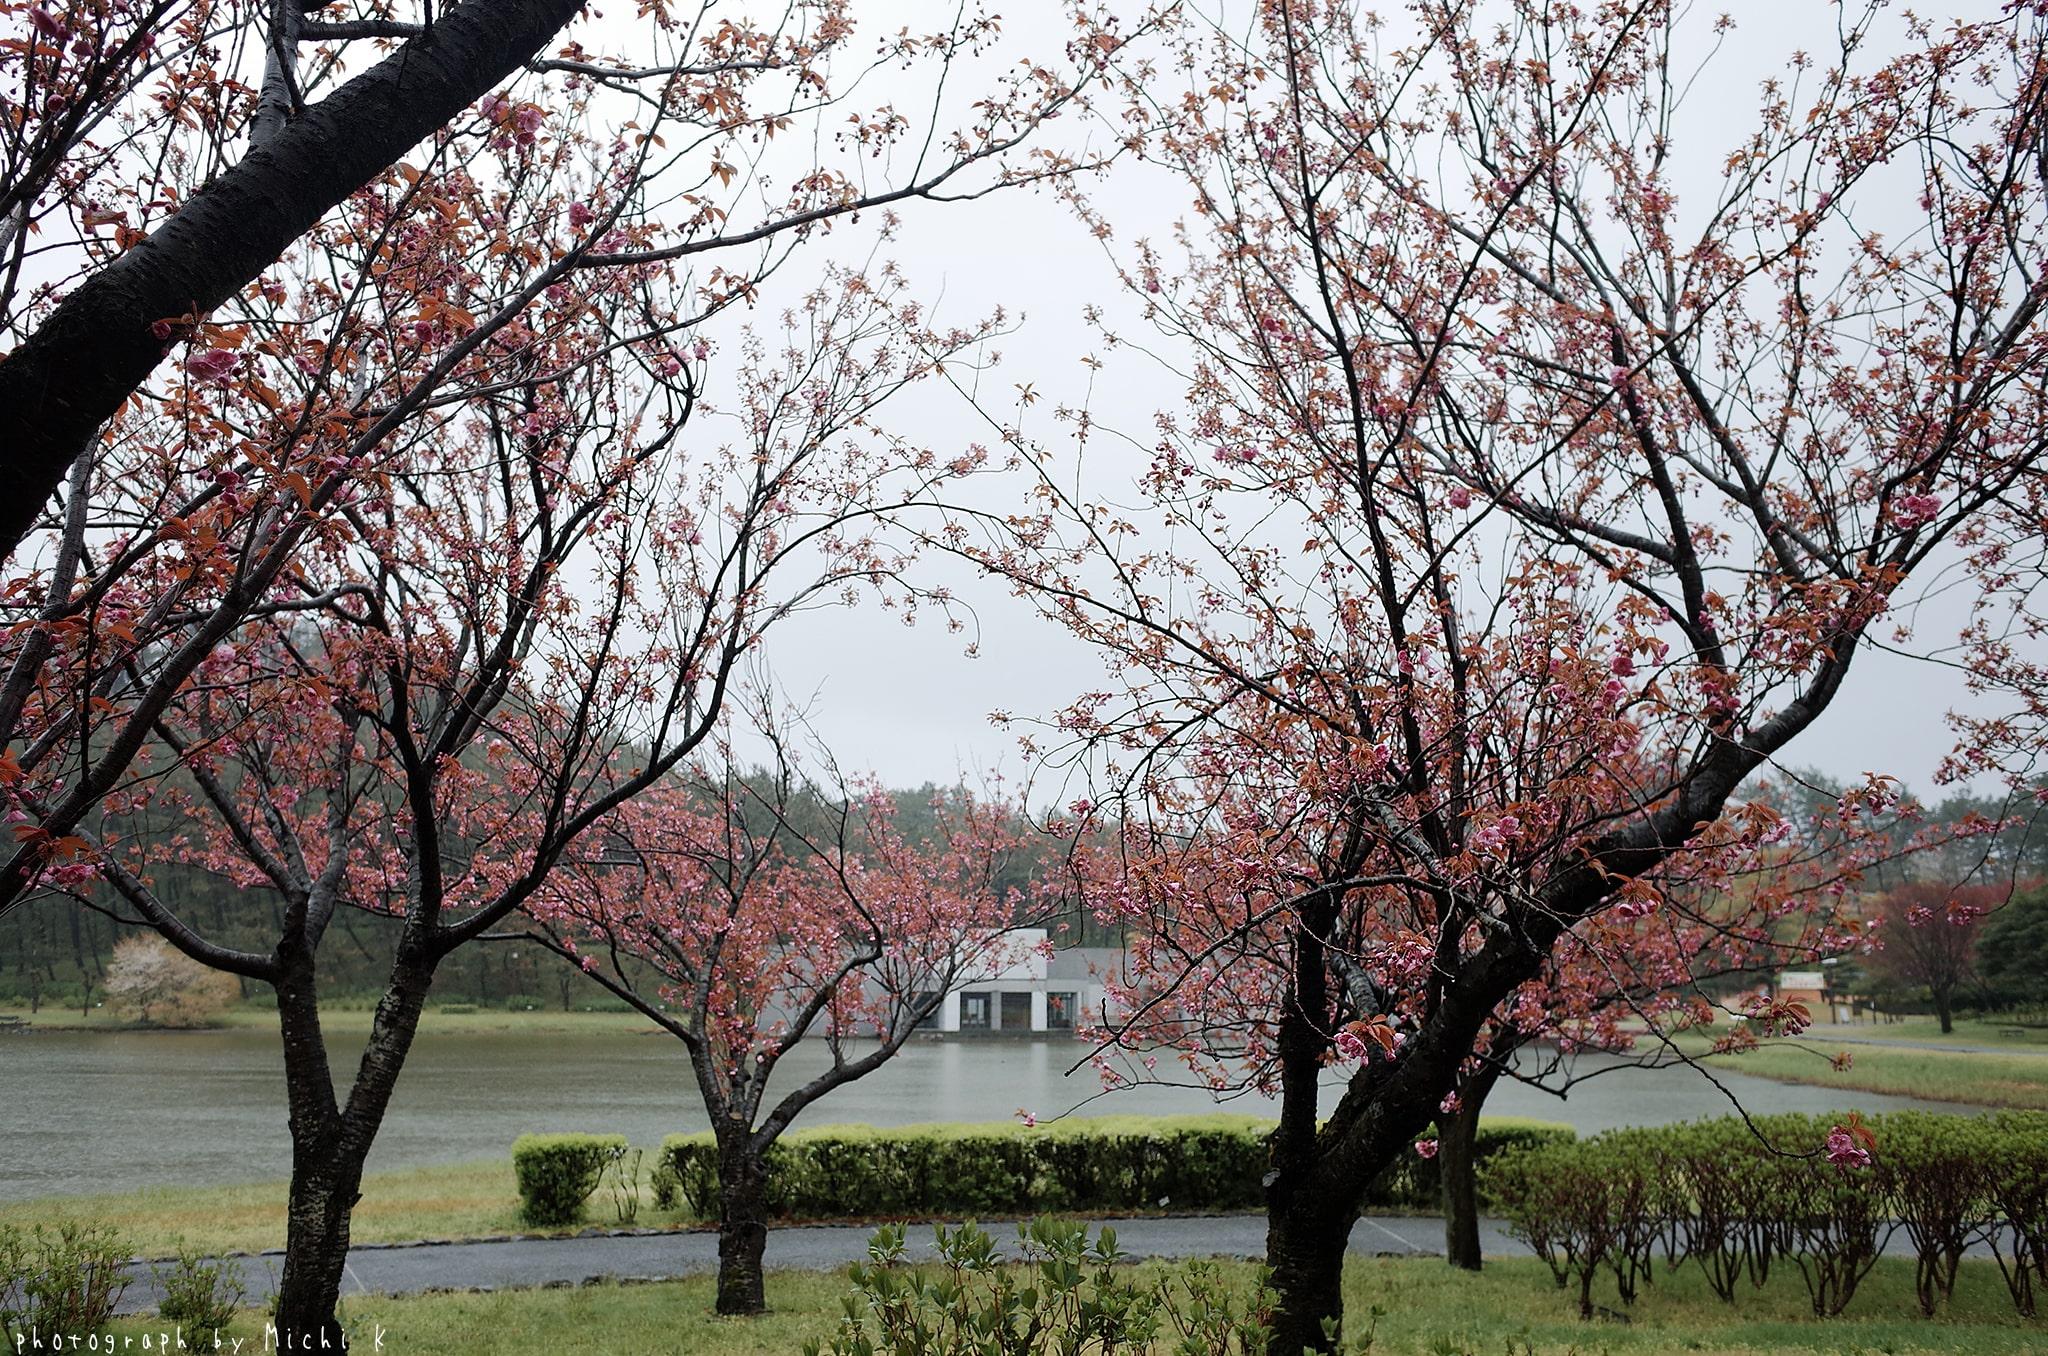 土門拳記念館2019-4-27朝(写真その4)